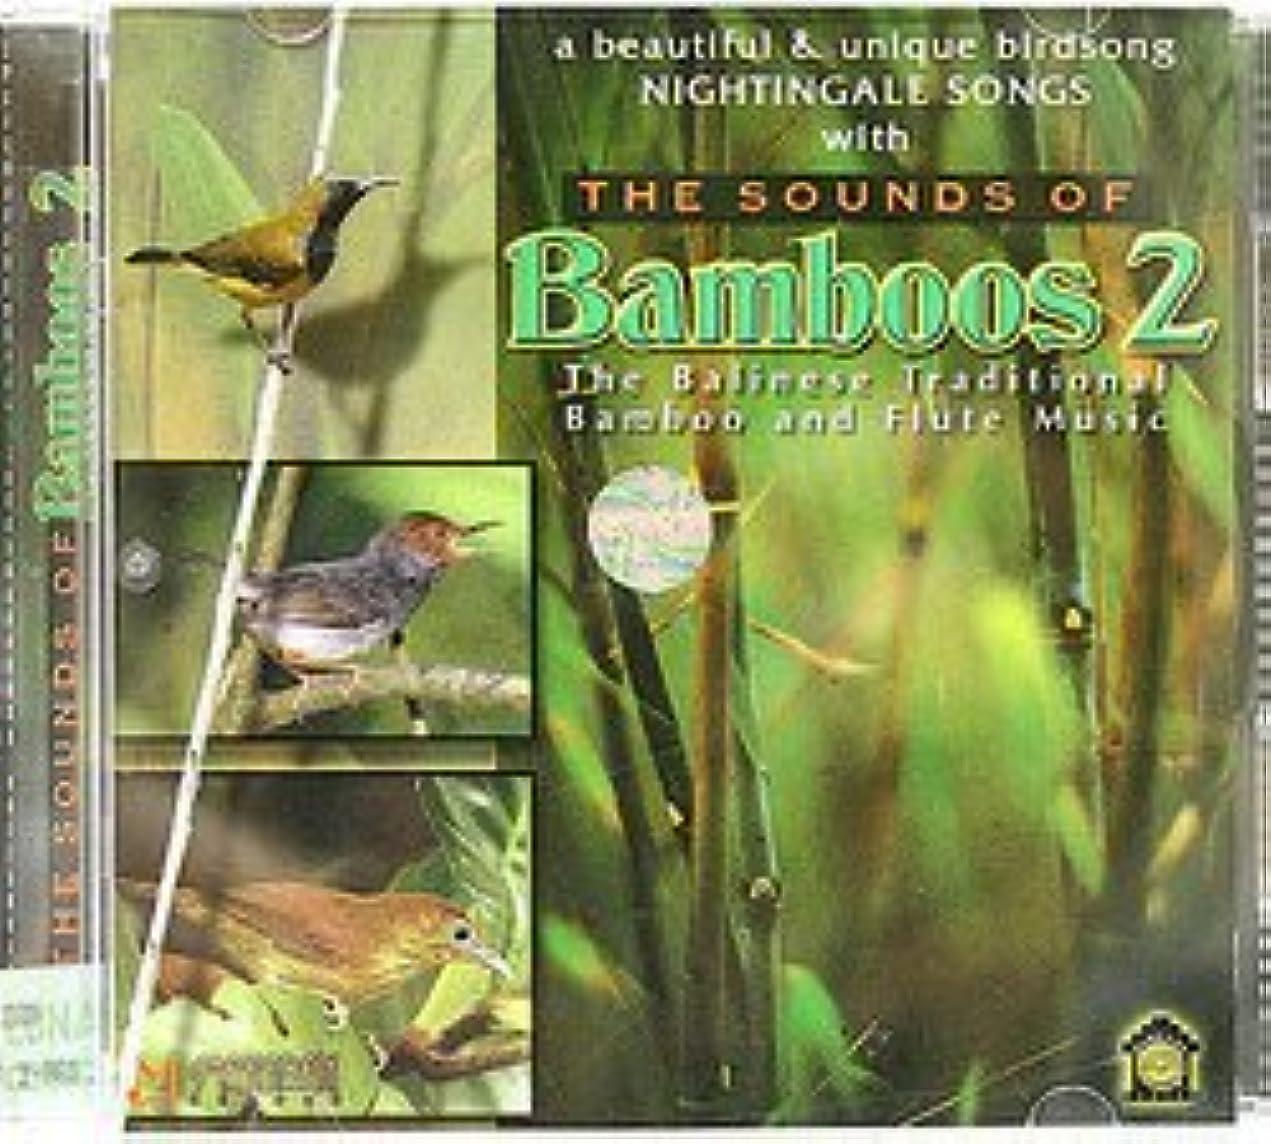 北へ有能なしばしば癒しのバリミュージック 『THE SOUND OF Bamboos 2』バリ雑貨 癒し系CD ヒーリングミュージック